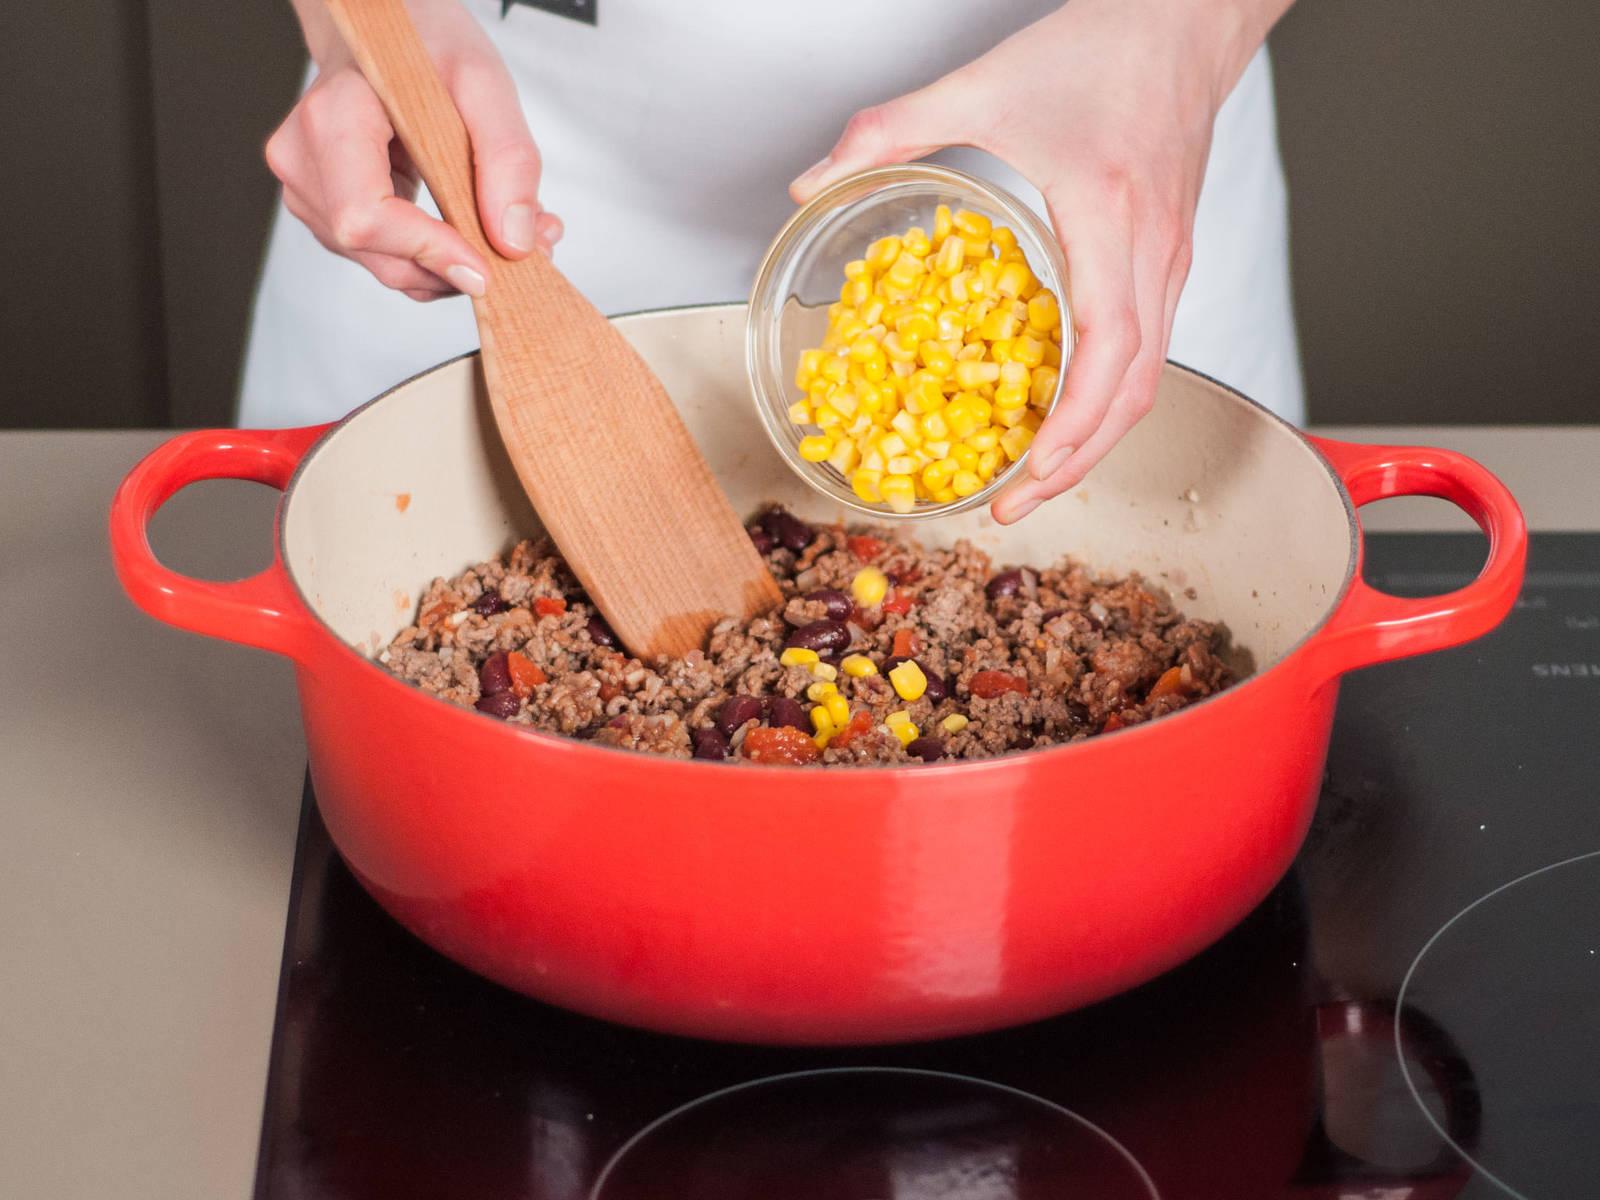 然后加入番茄、芸豆与甜玉米。用盐、胡椒粉与孜然调味后继续煸炒3-4分钟。